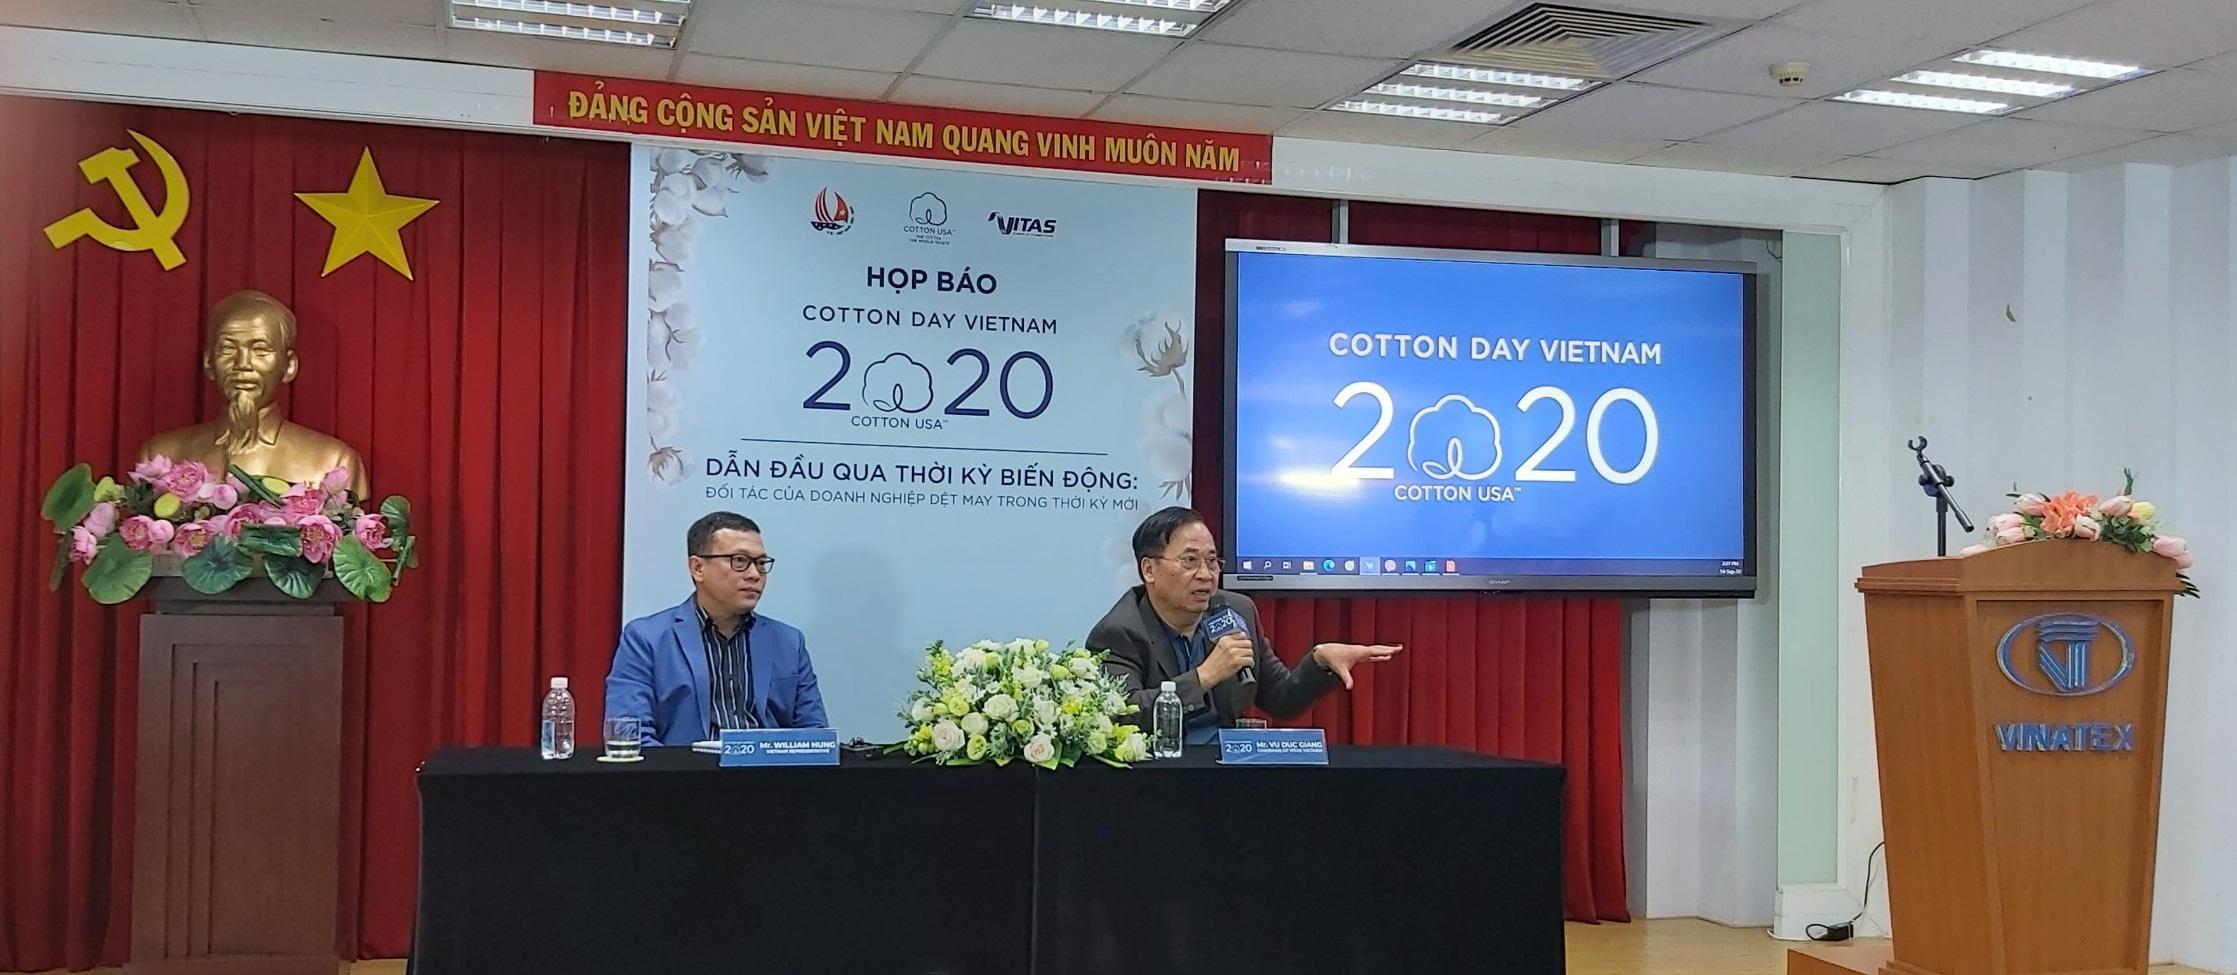 VITAS và CCI tổ chức Họp báo giới thiệu Cotton Day Vietnam 2020